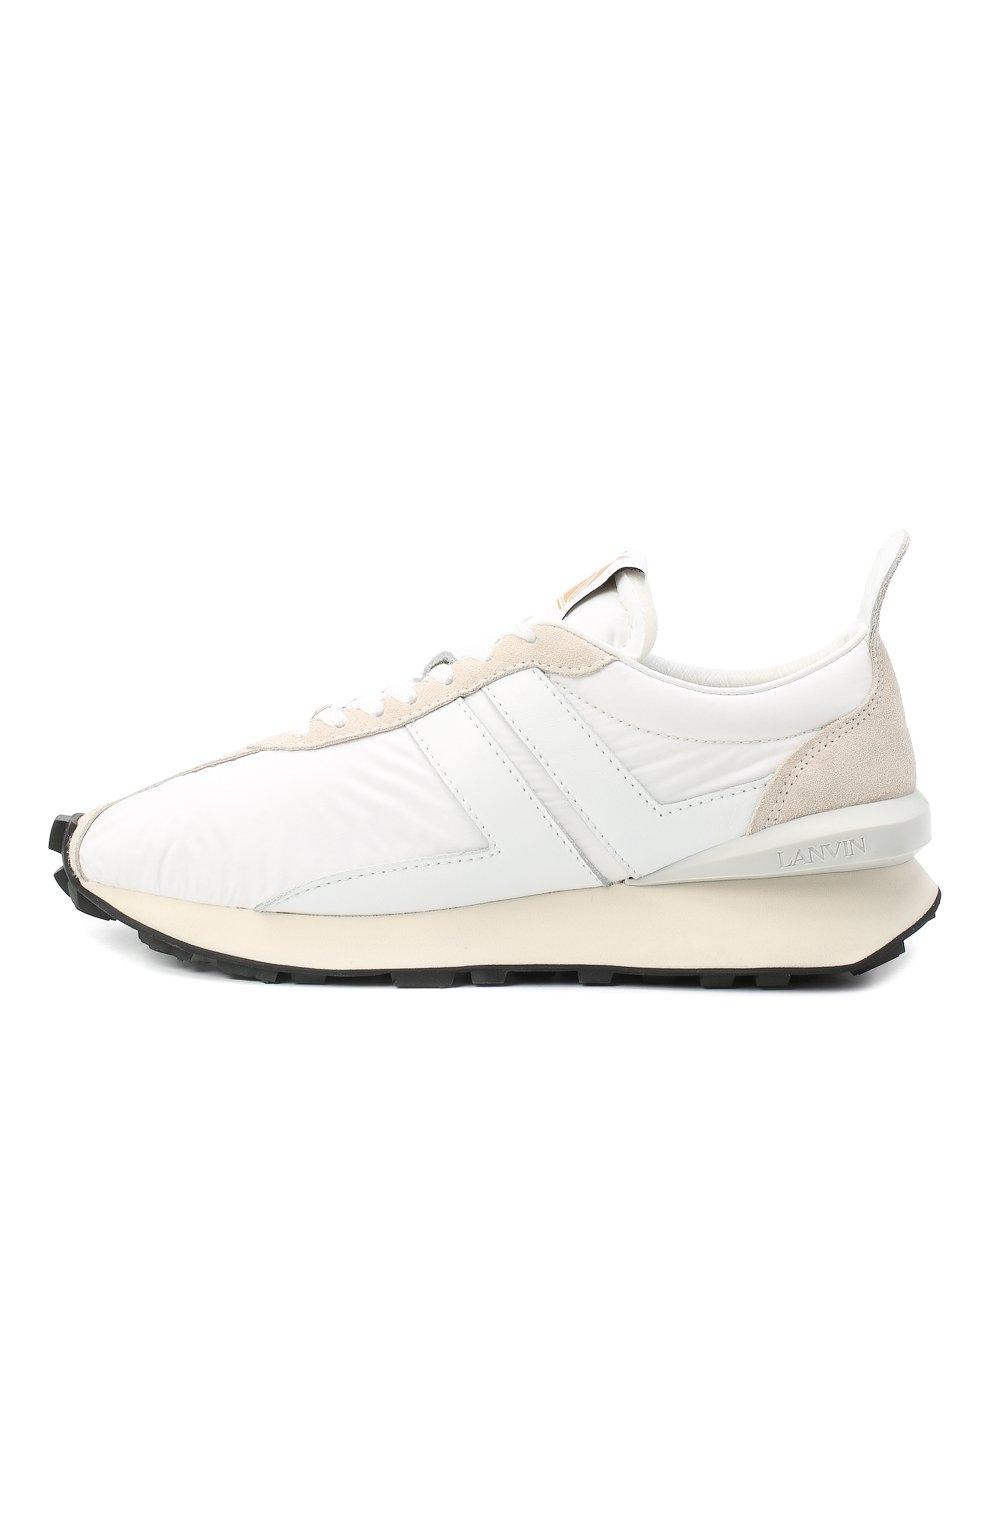 Мужские комбинированные кроссовки LANVIN белого цвета, арт. FM-SKBRUC-NYL0-A20 | Фото 3 (Материал внешний: Текстиль; Материал внутренний: Натуральная кожа, Текстиль; Стили: Гранж; Подошва: Массивная)